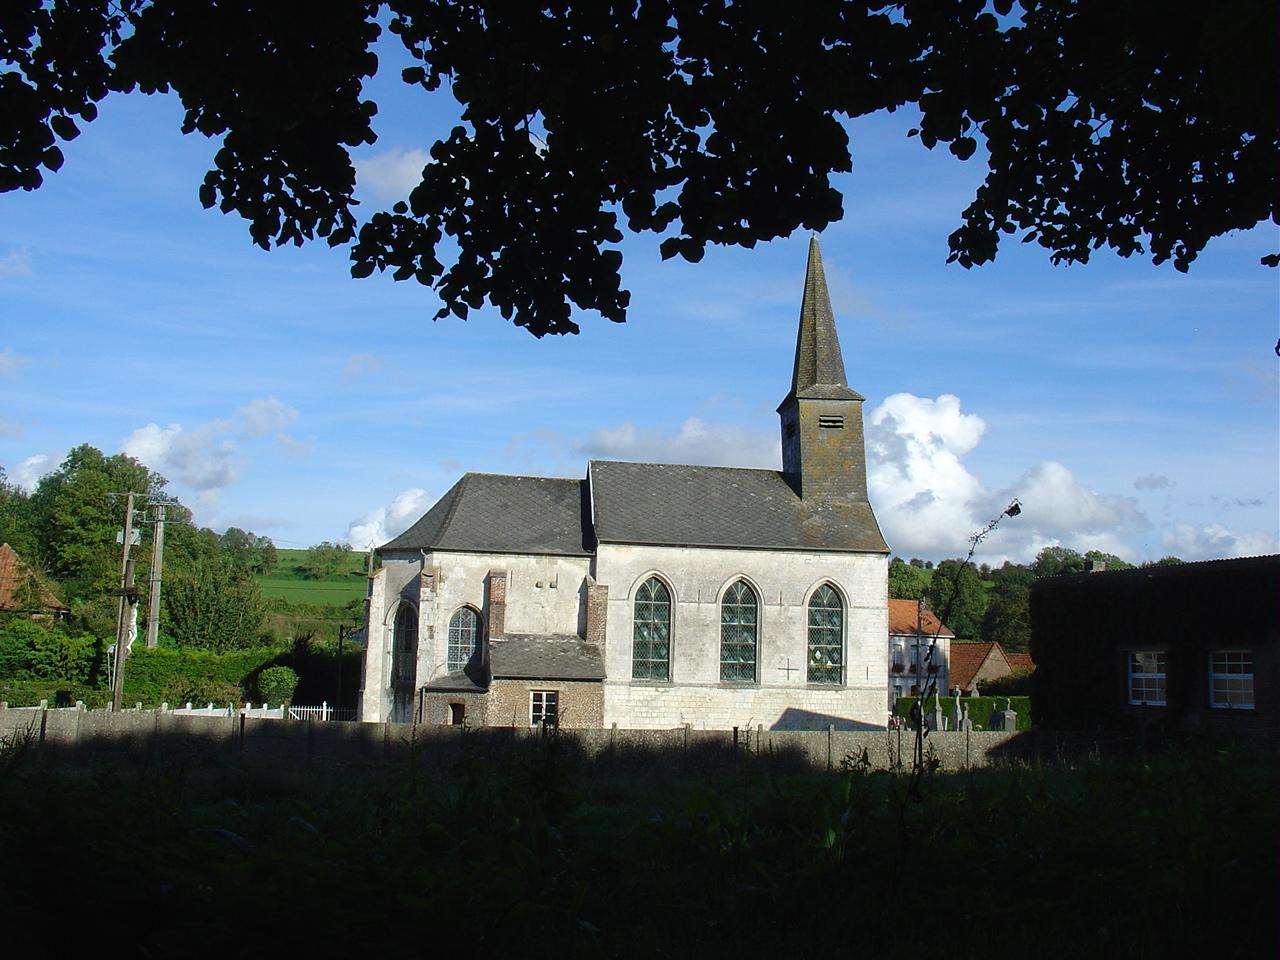 Fontaine-lès-Boulans